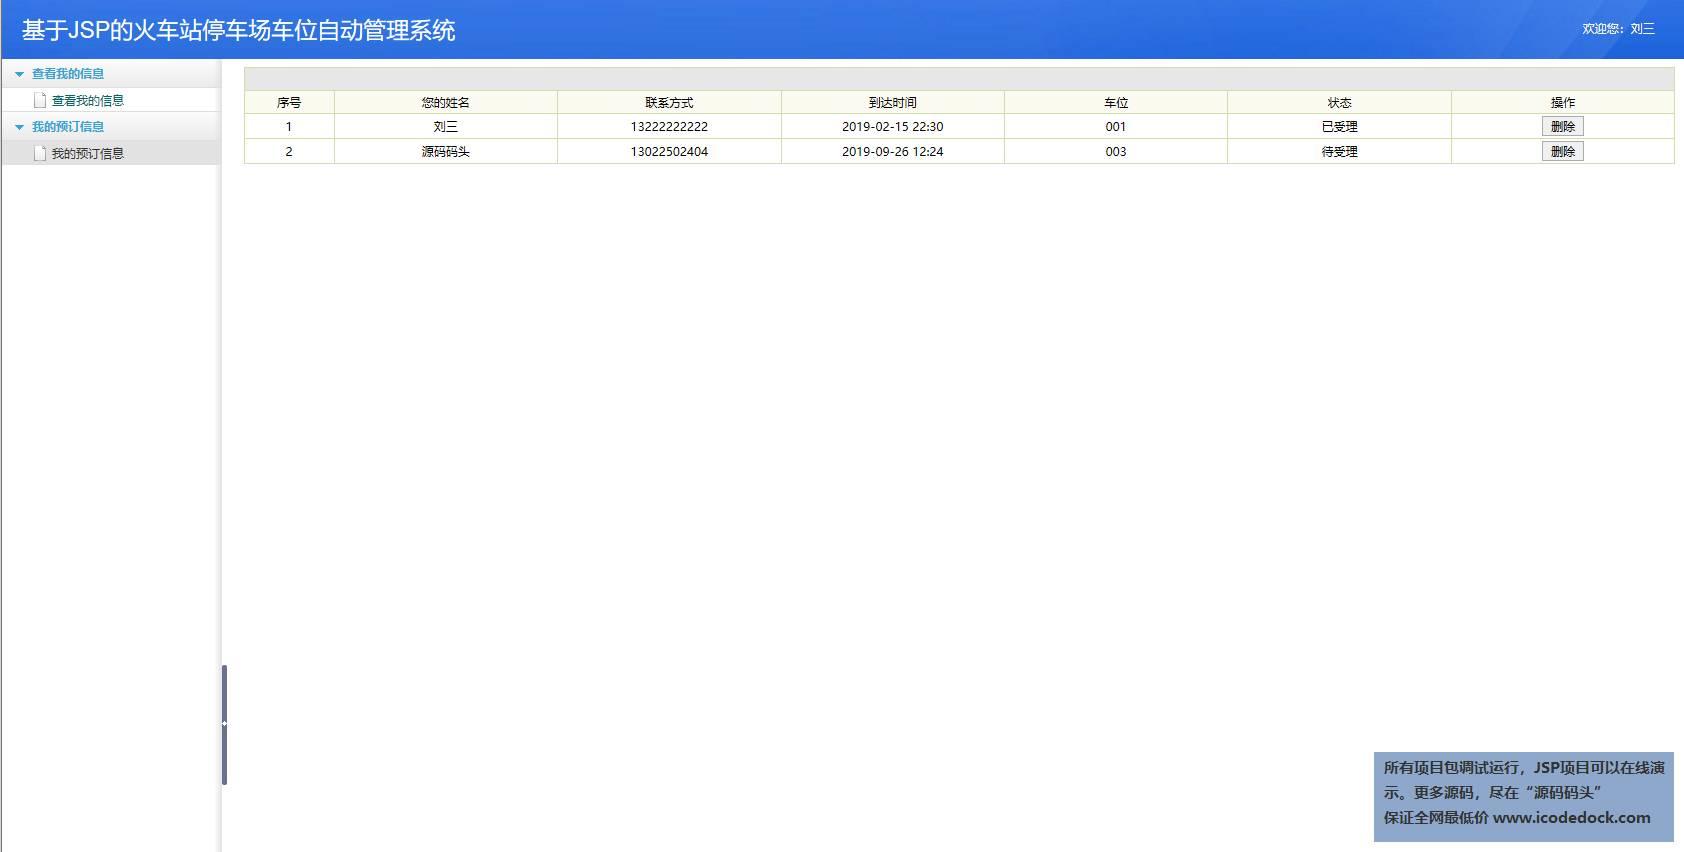 源码码头-JSP停车位预定管理系统-用户角色-查看我的预定信息